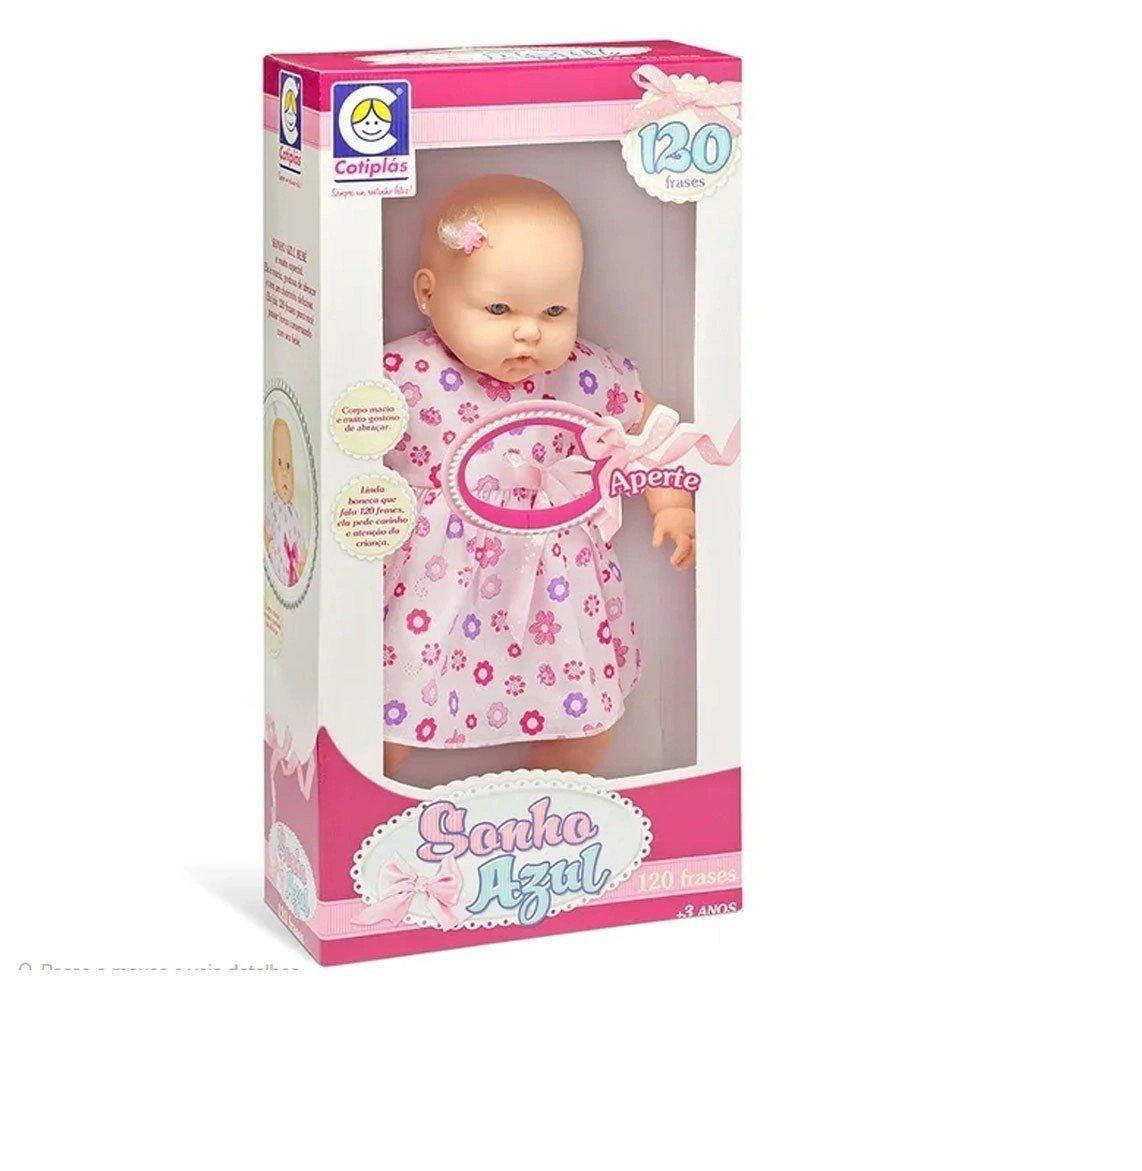 Boneca Bebê Sonho Azul 120 Frases Roupinha Sortida Cotiplás 2072